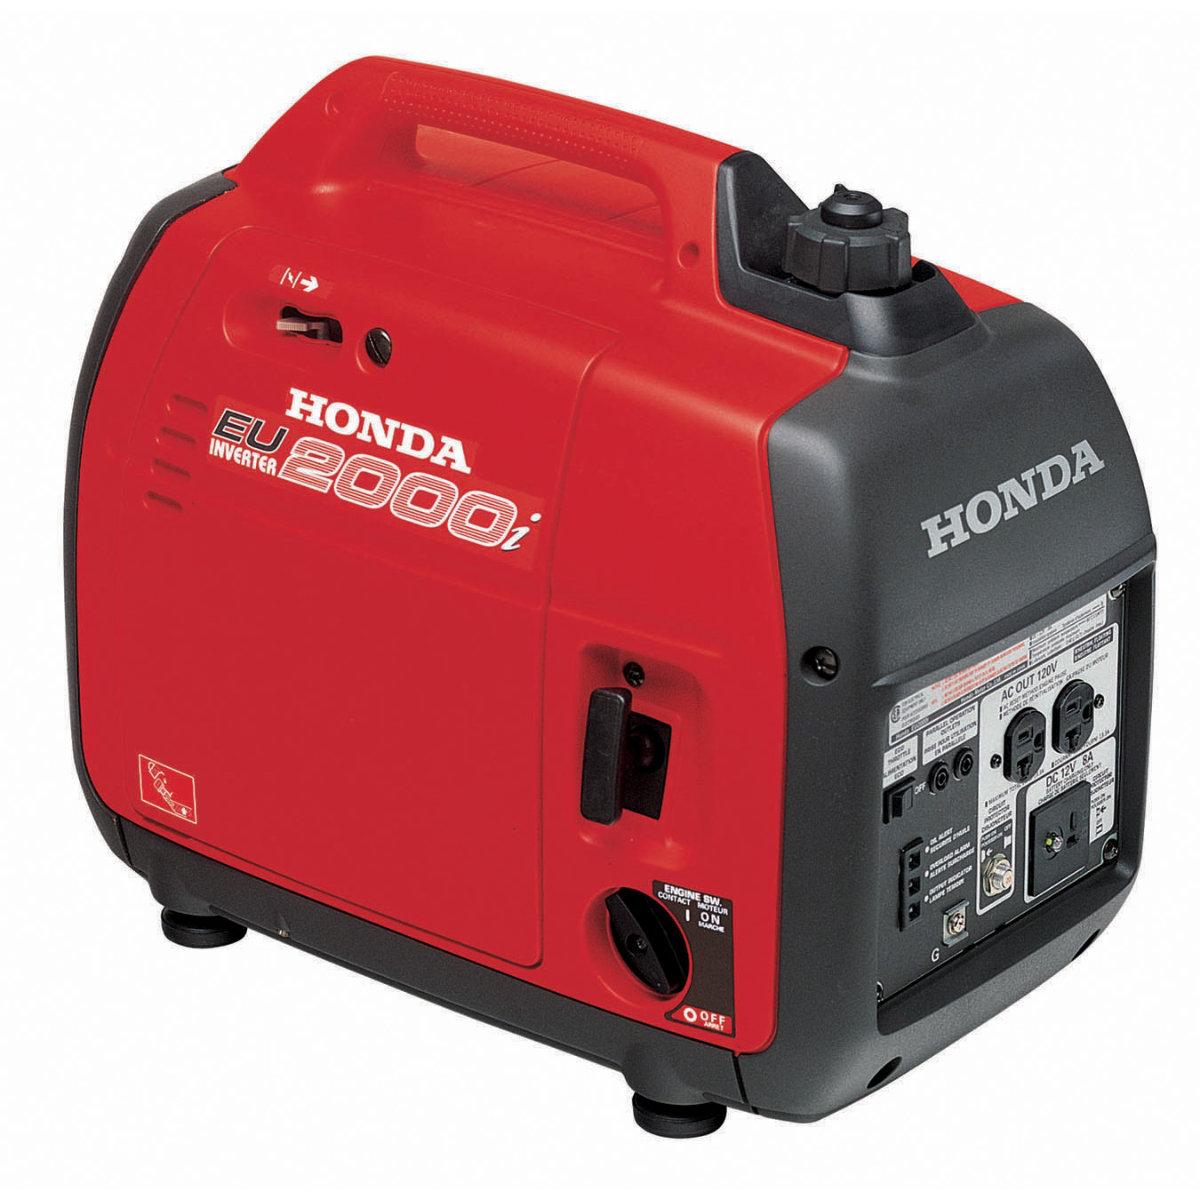 Honda 1600 Watt Portable Generator  $815